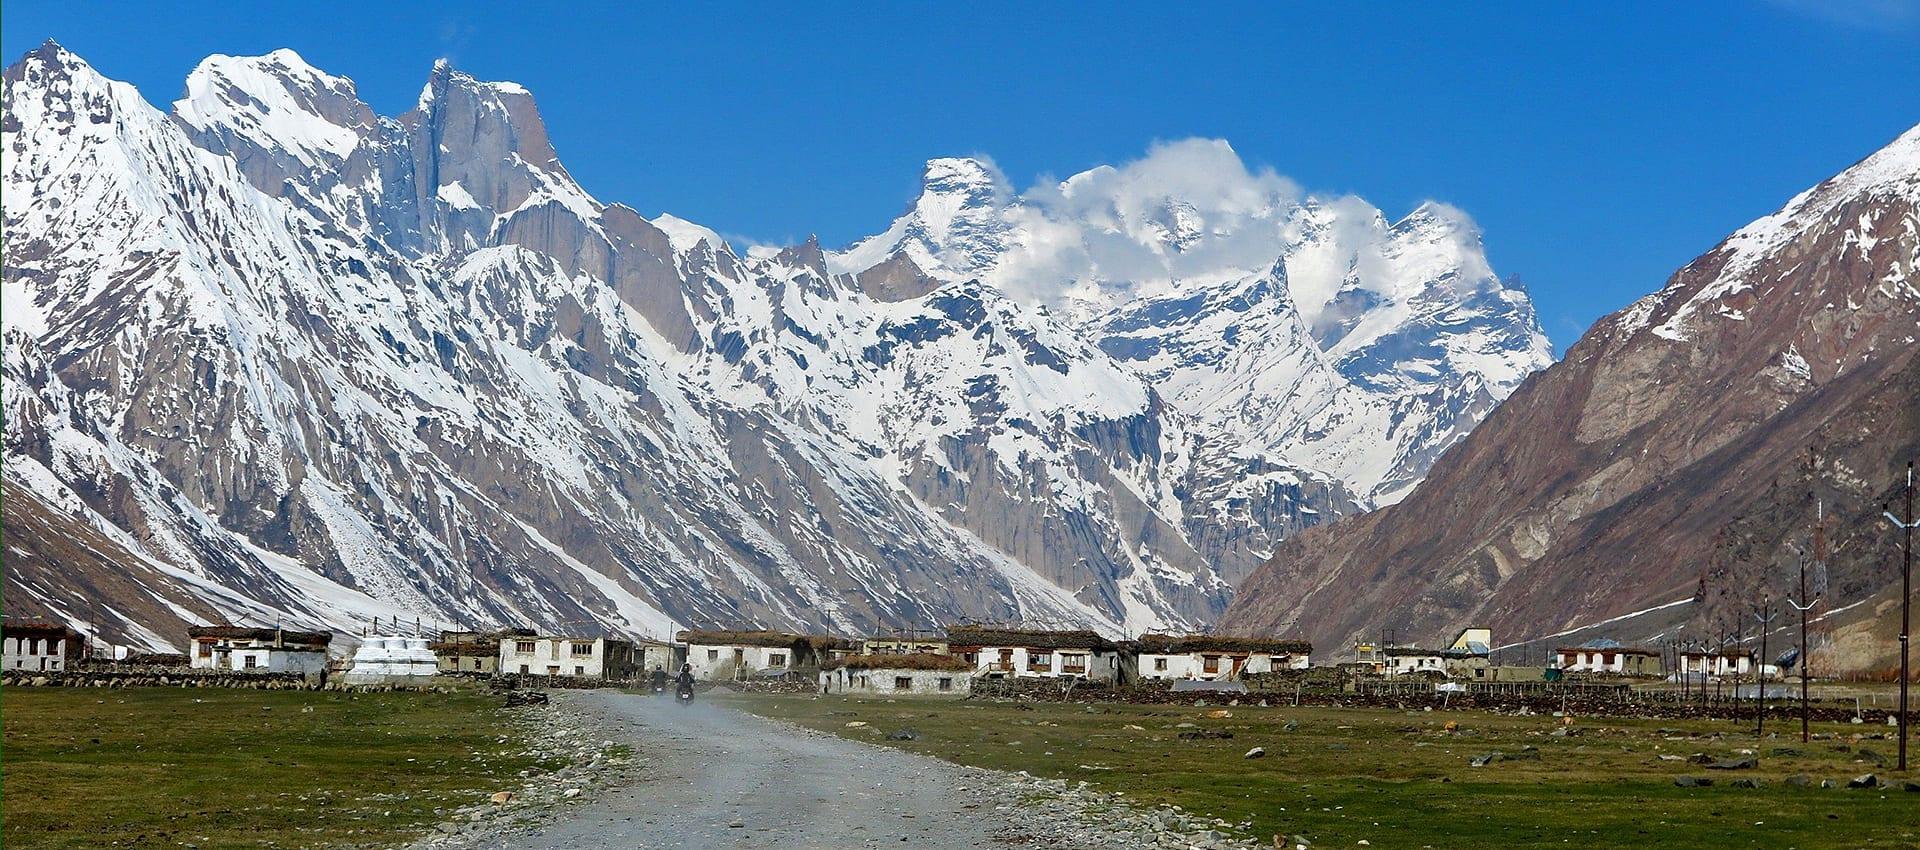 Deelnameformulier motorreis Himalaya Zanskar Trail, schrijf je in en ga mee met deze adembenemende reis